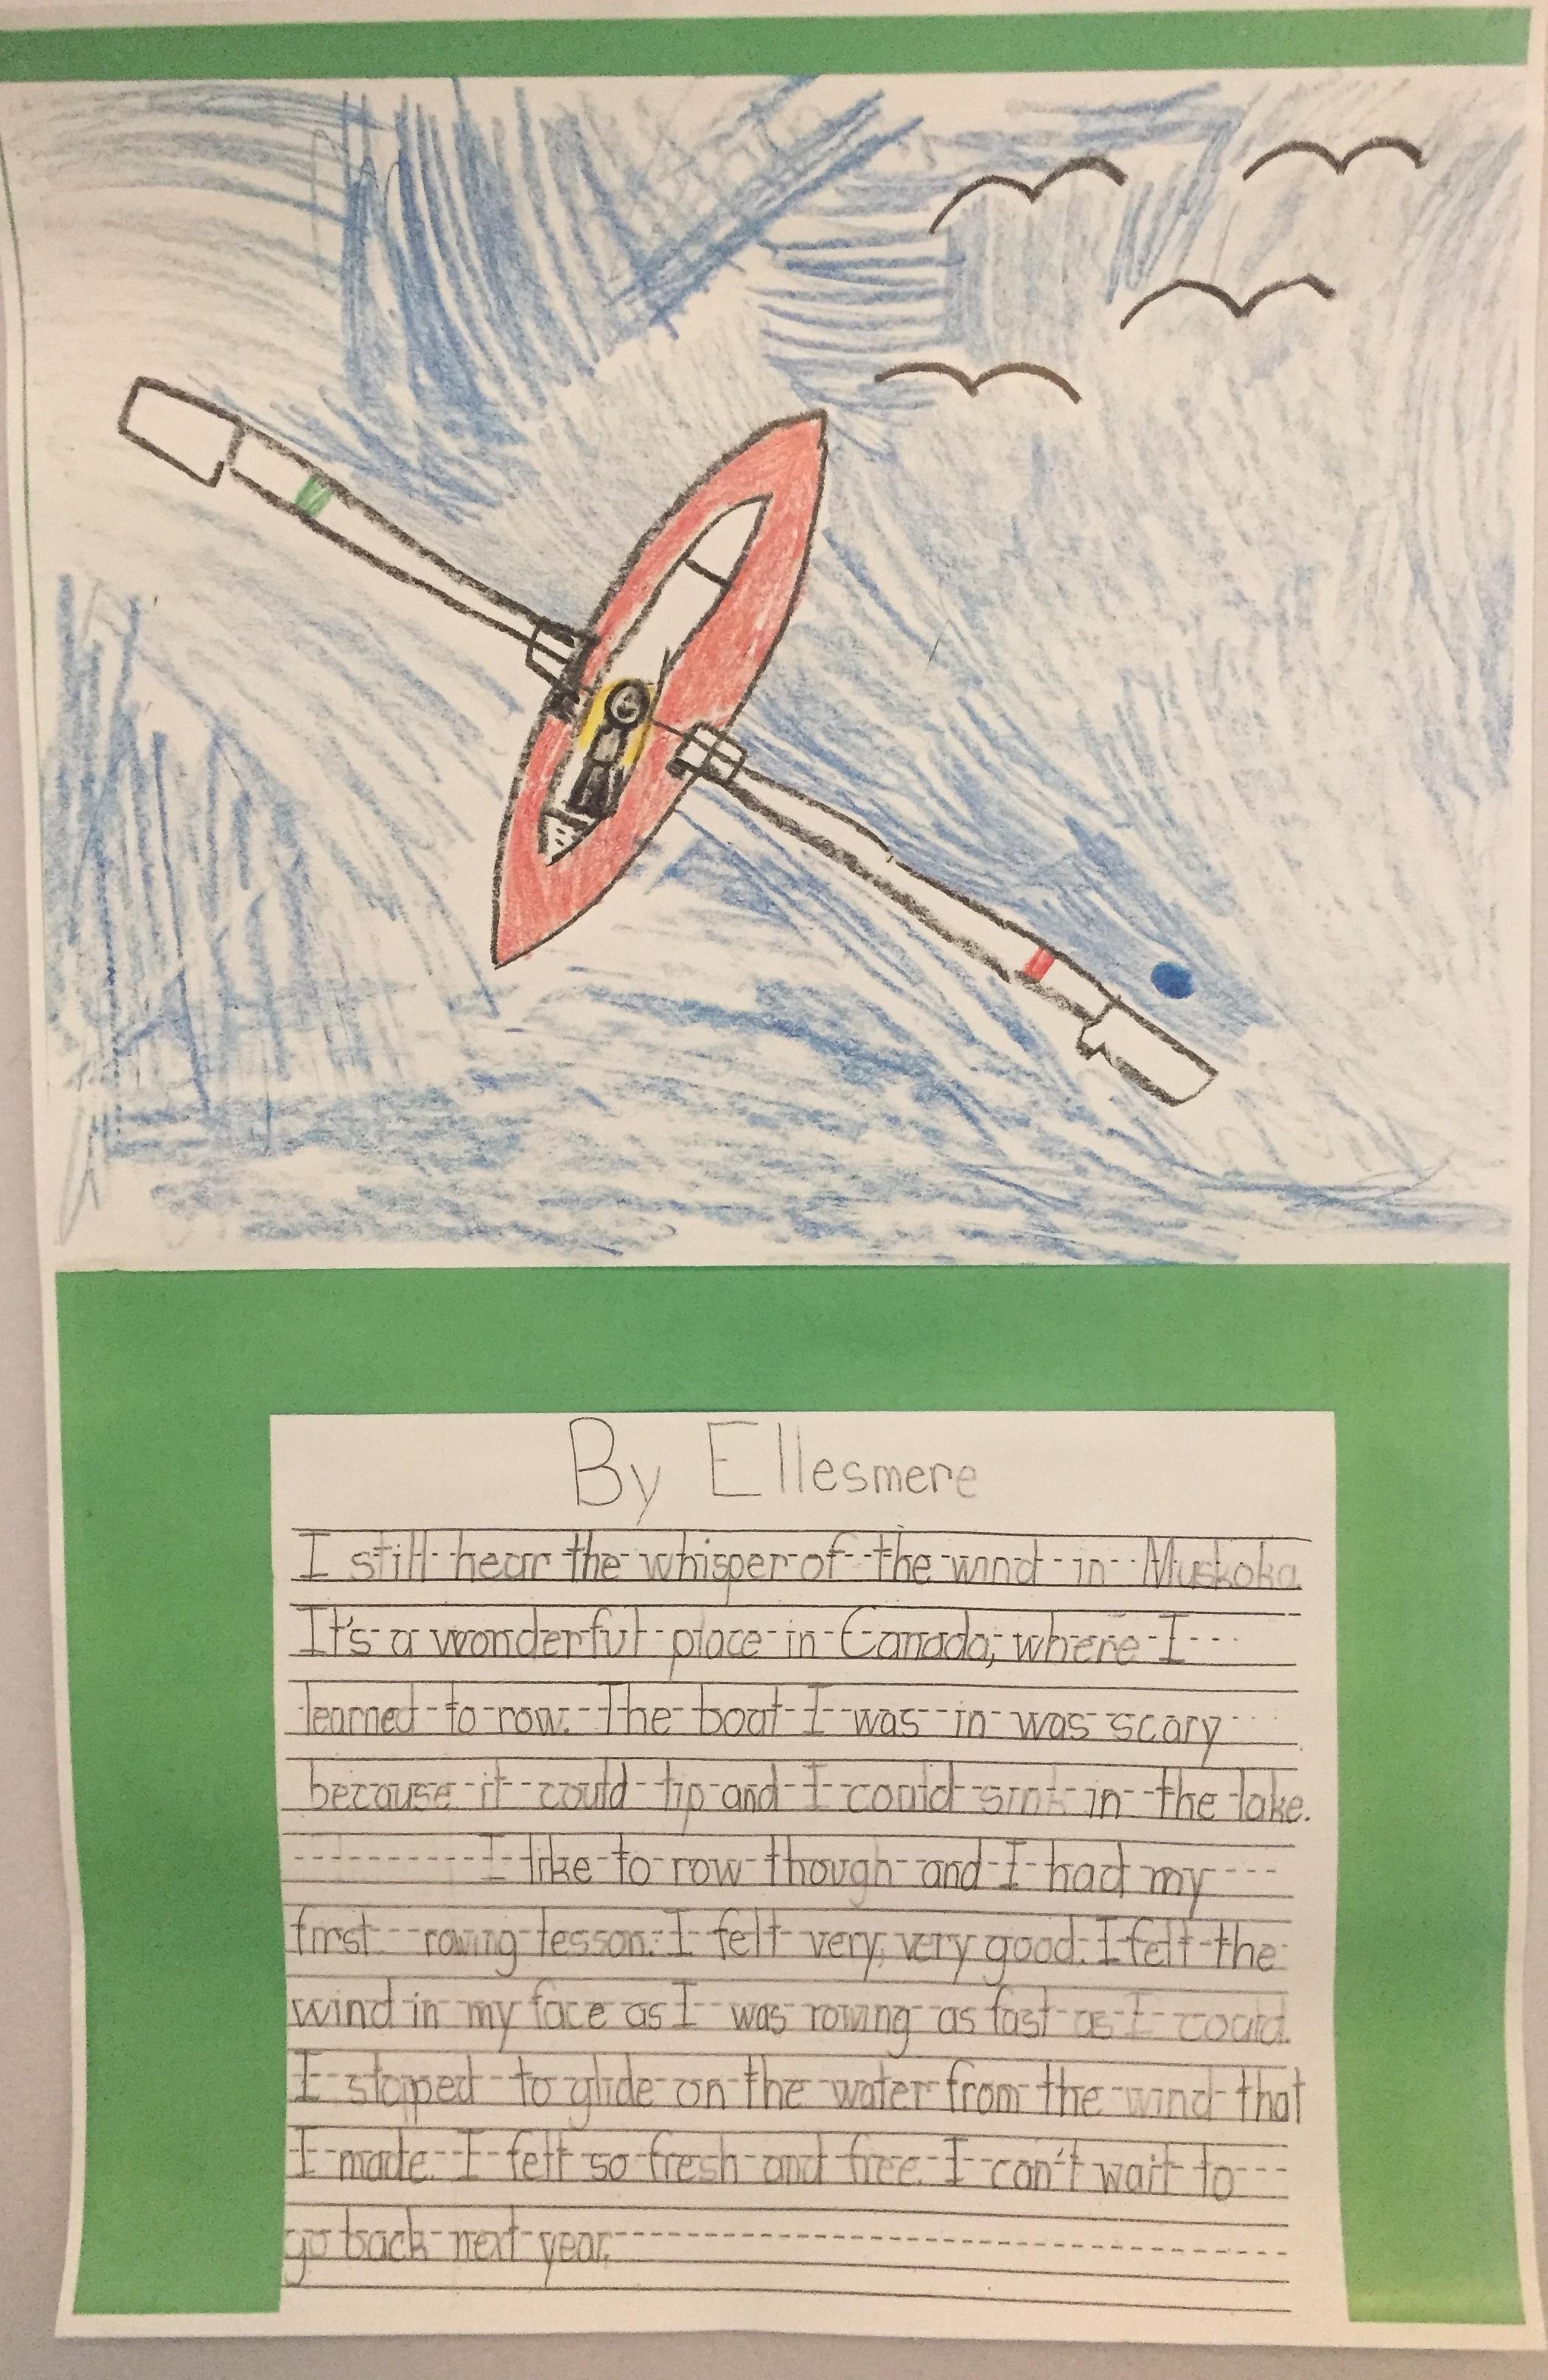 Ellesmere's Grade 2 School Work